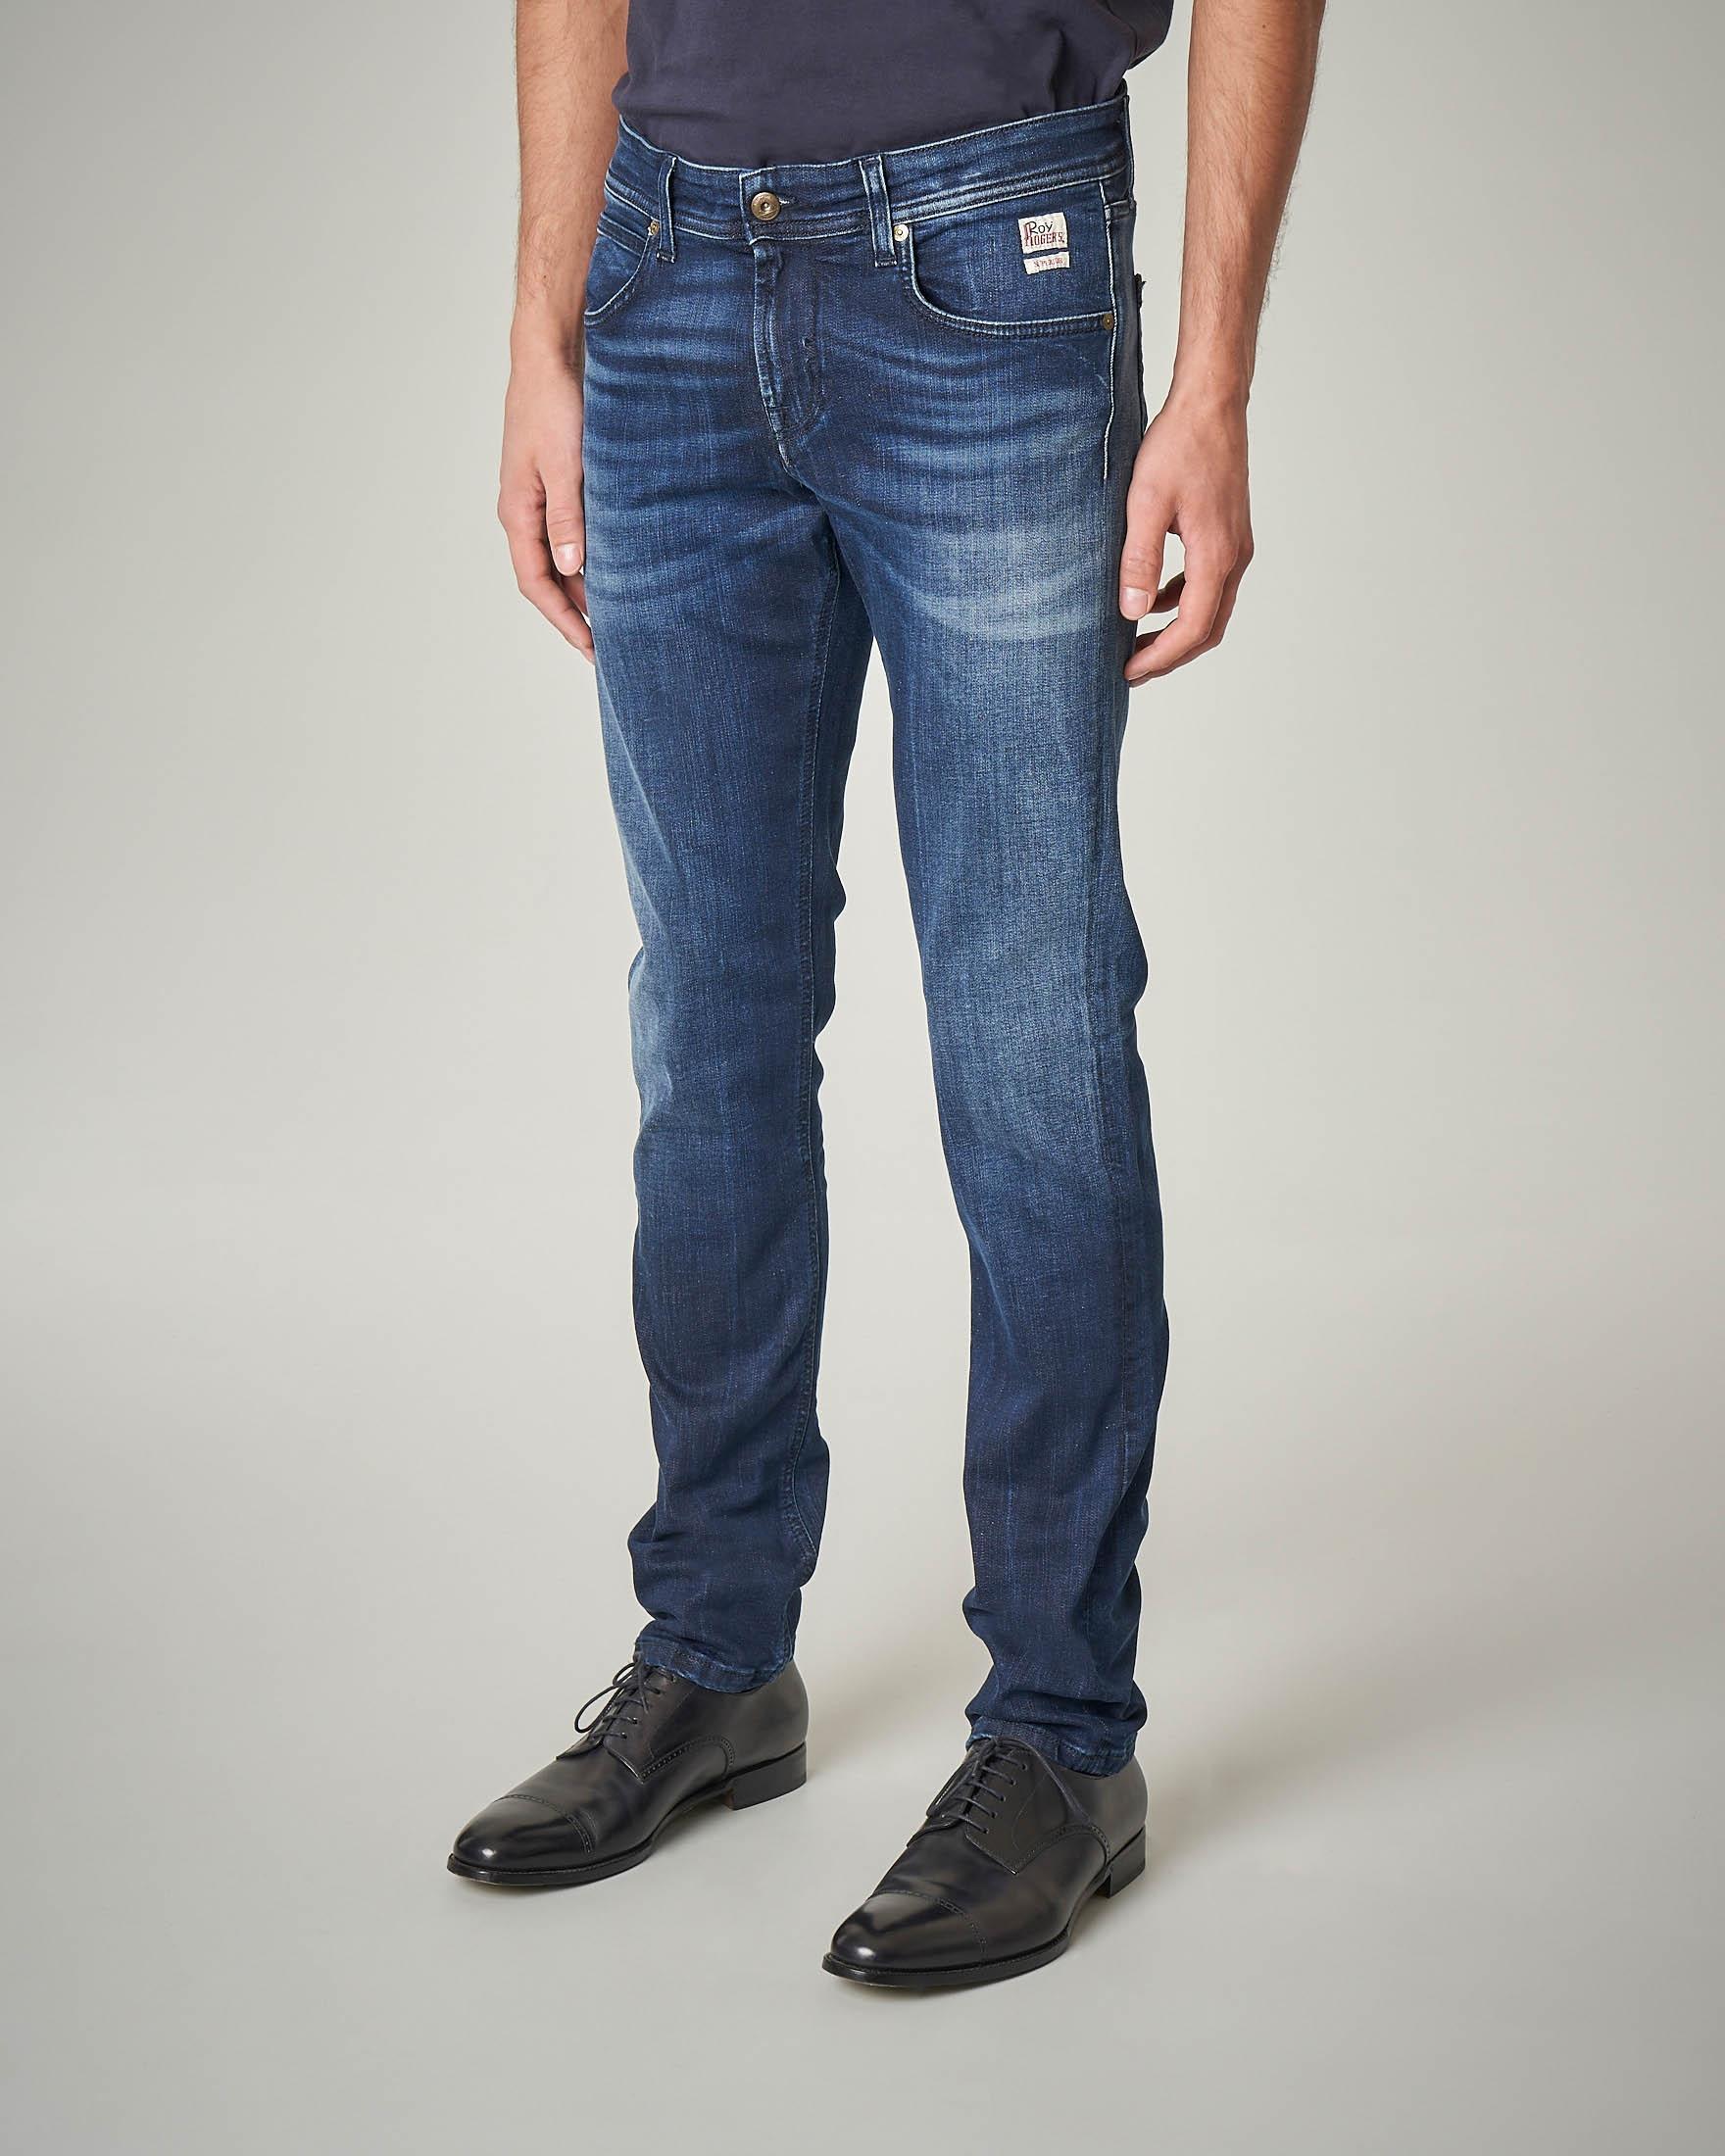 Jeans lavaggio medio con baffature e vita bassa